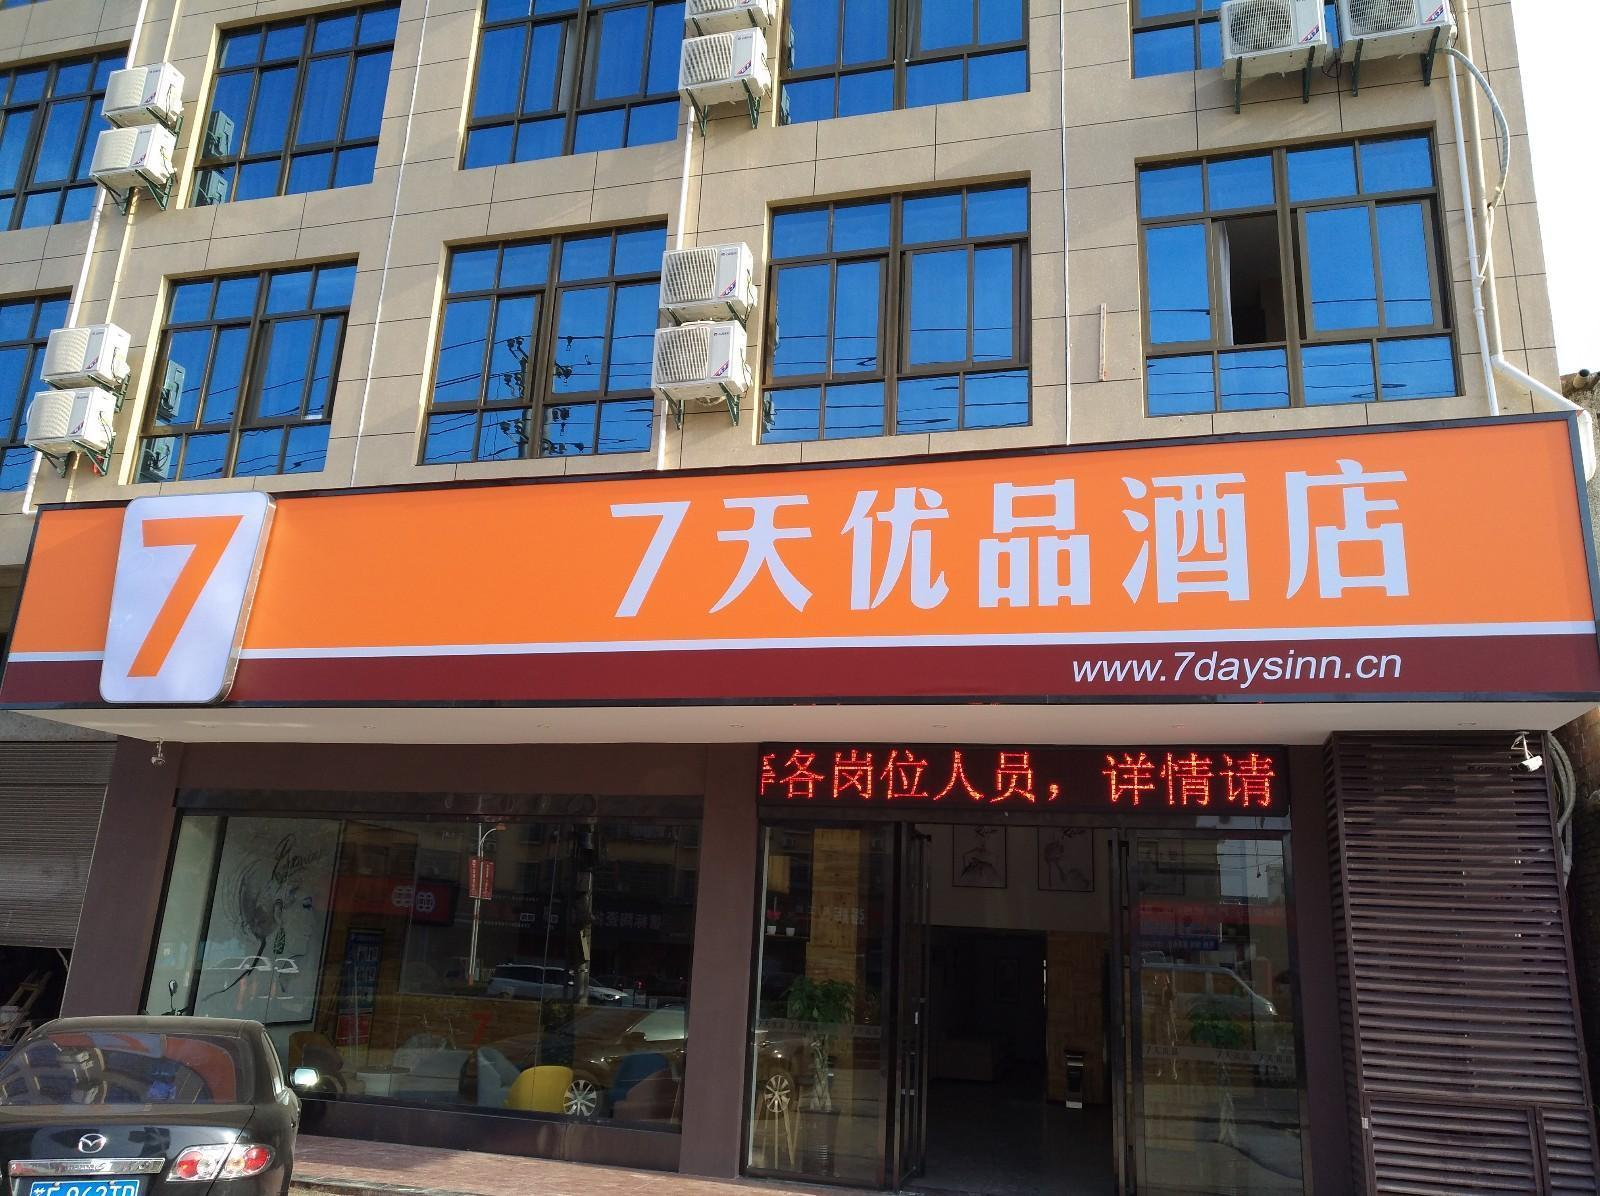 7 Days Premium·Fuzhou Dongxiang Railway Station, Fuzhou